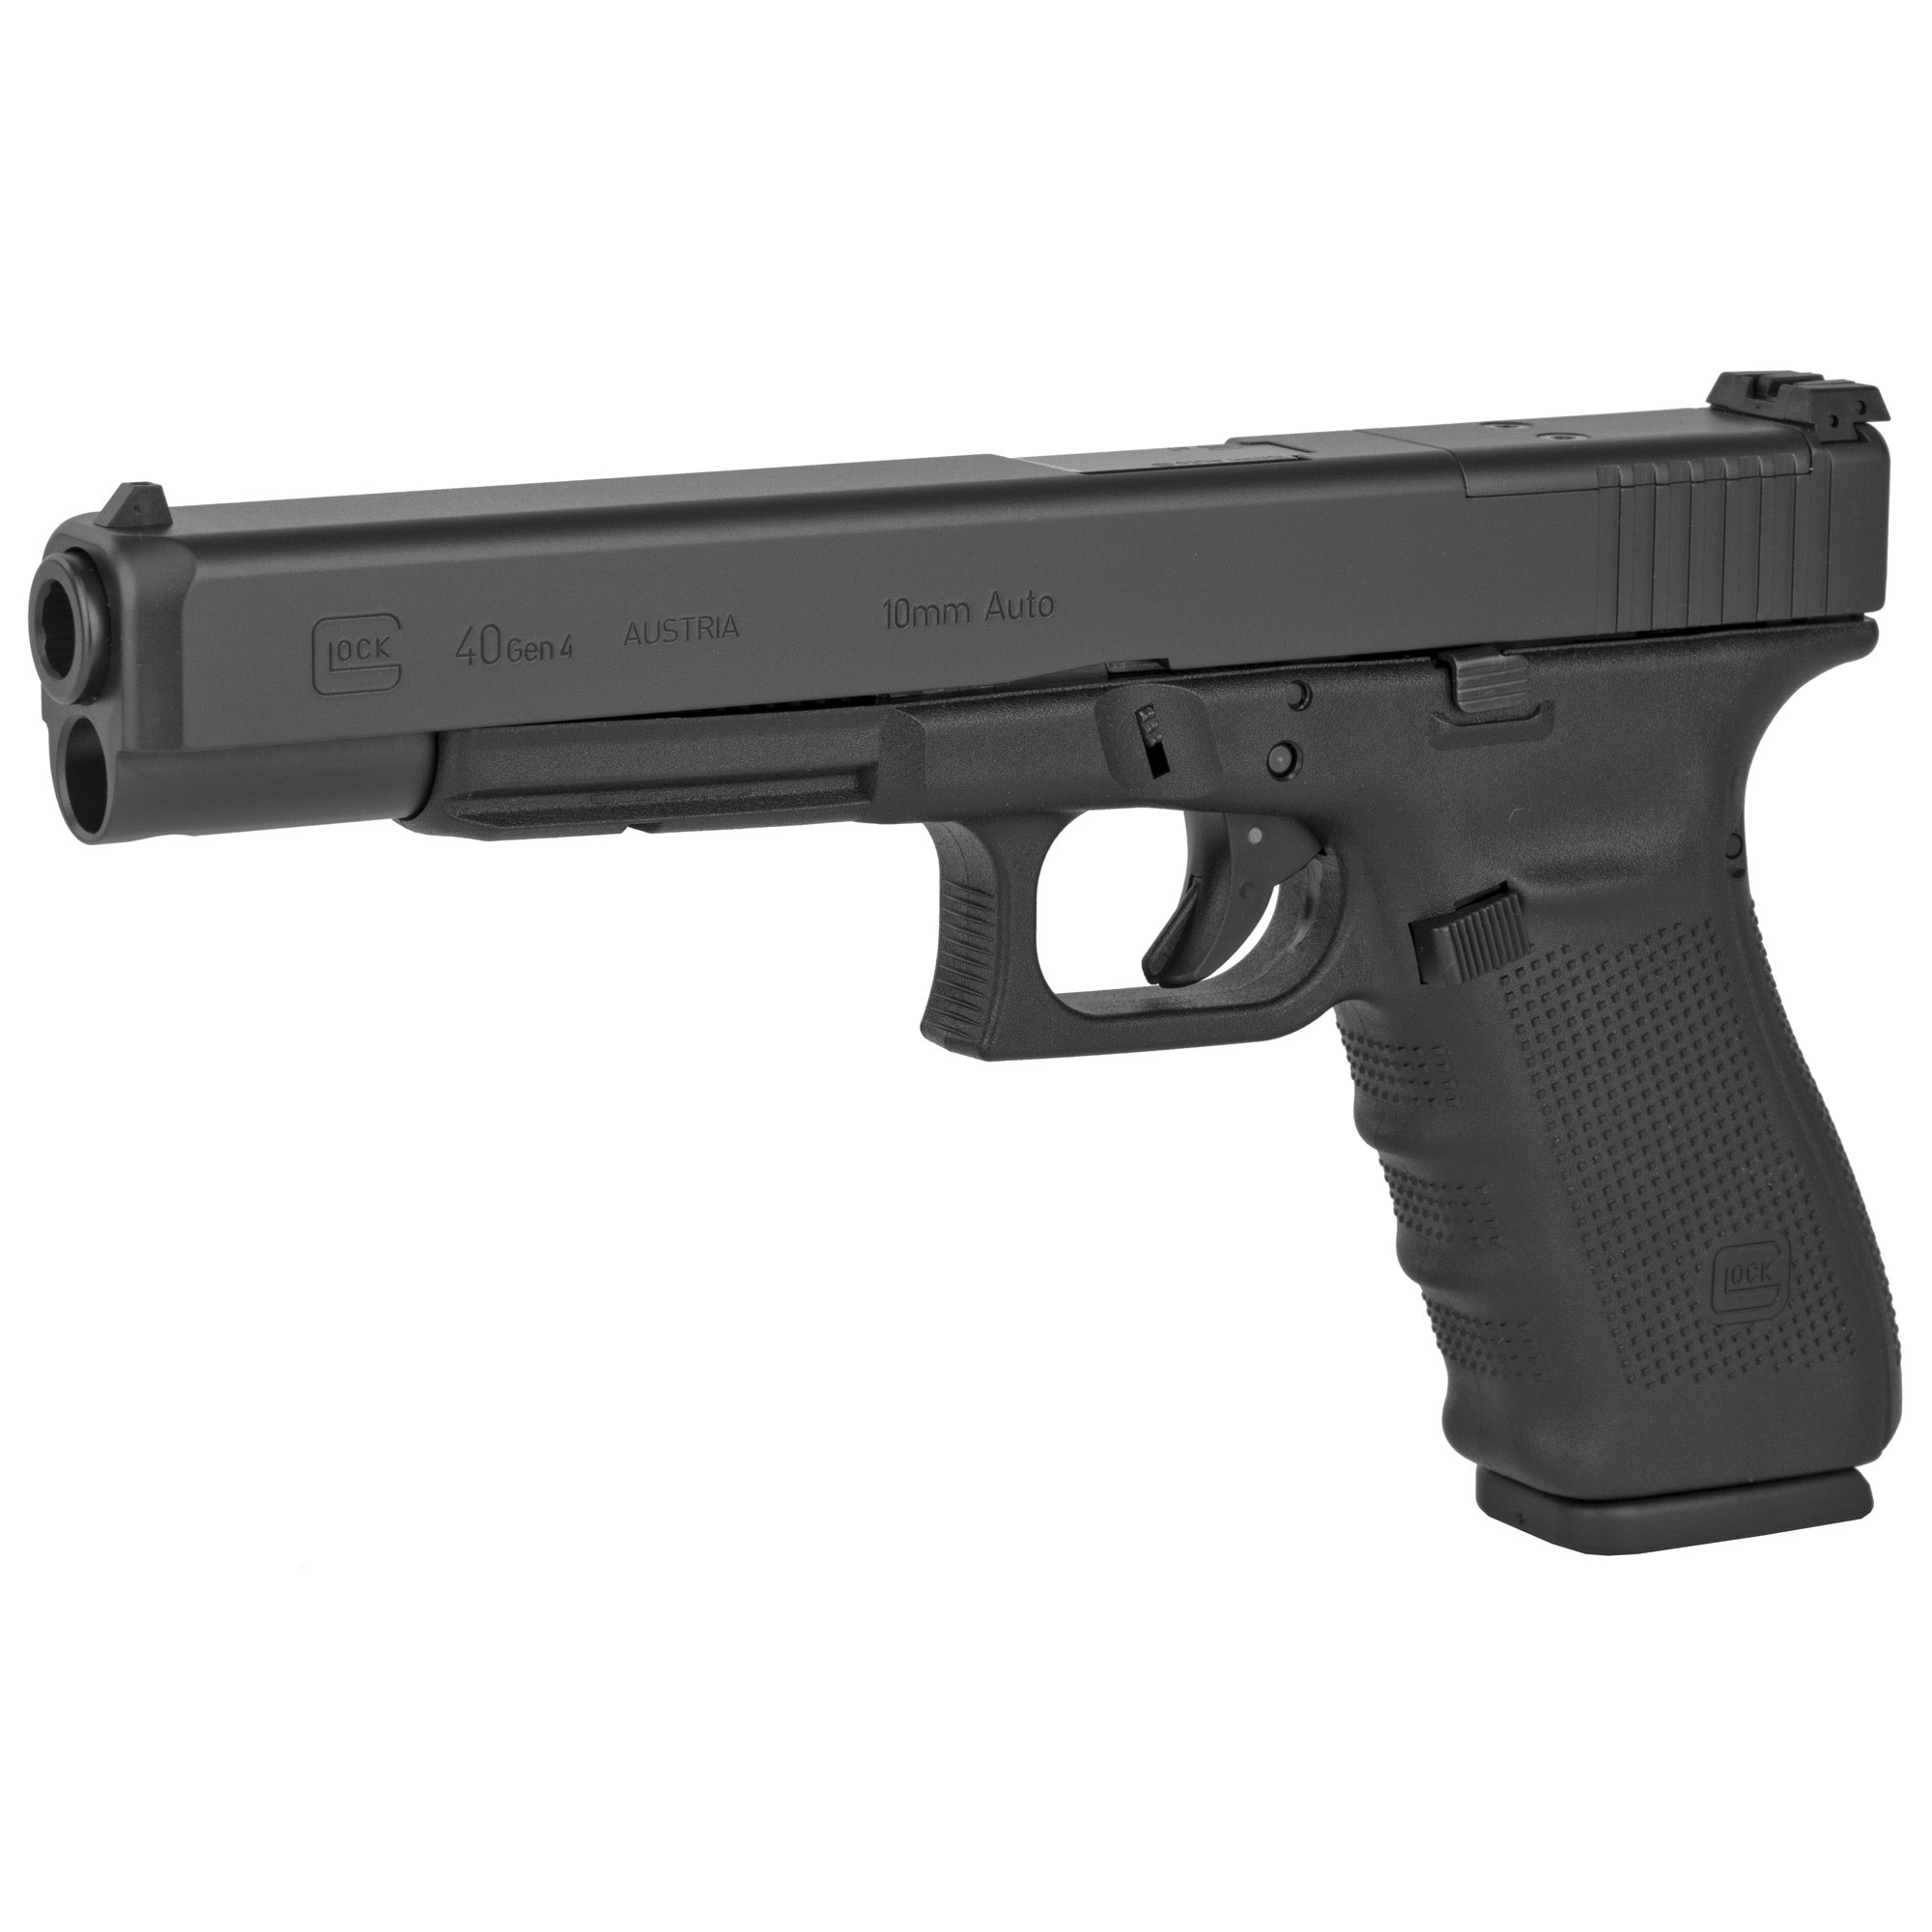 Glock 40 Gen 4 MOS, 10mm, 15 rd